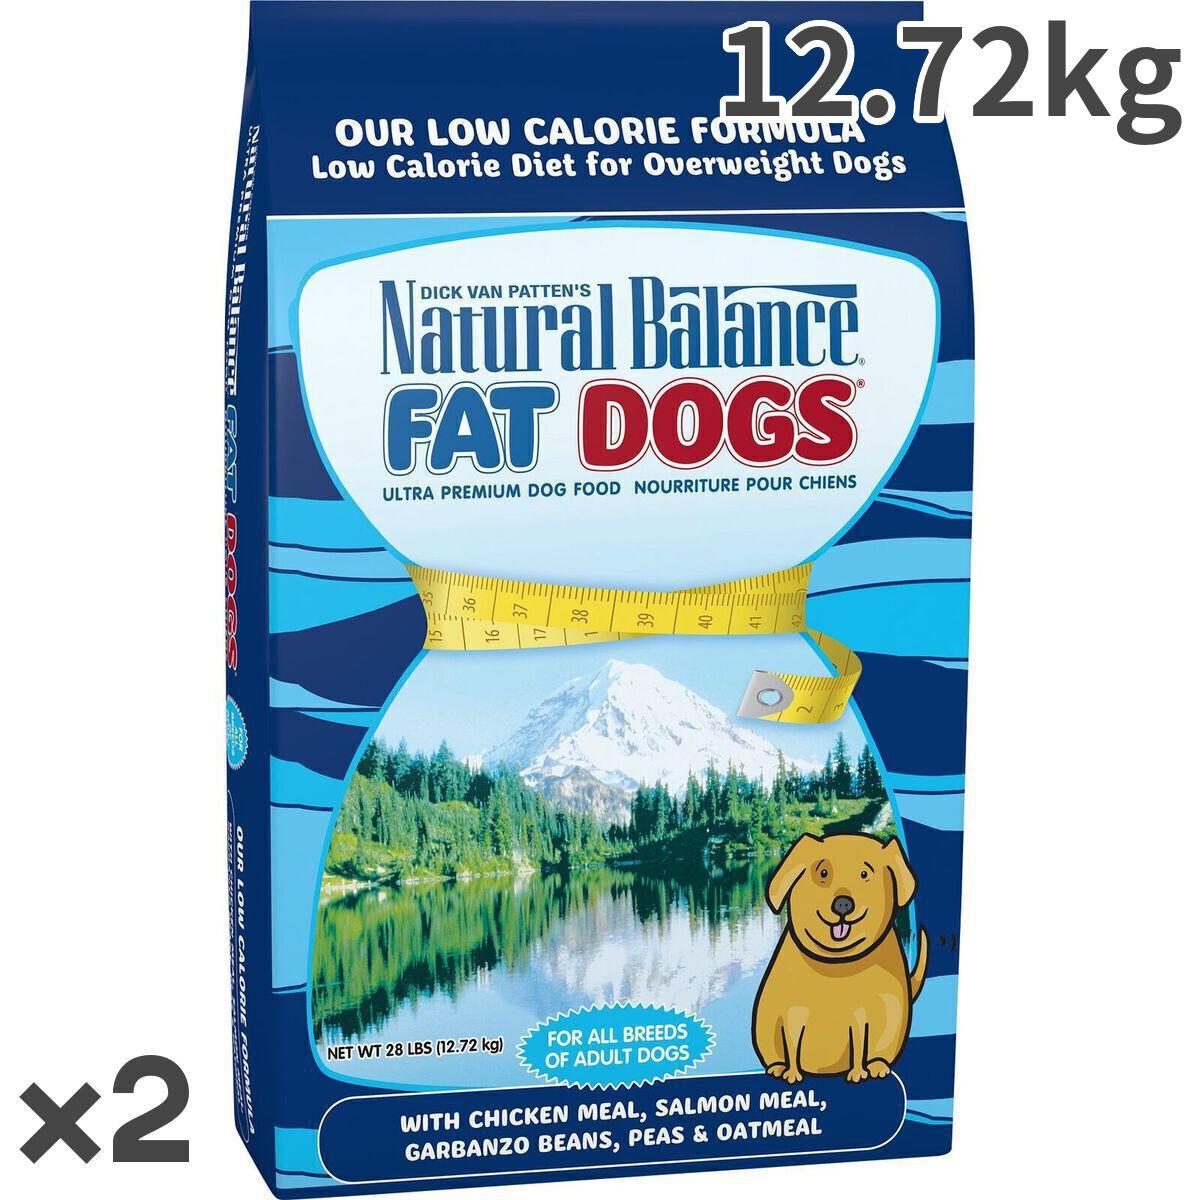 ナチュラルバランス ファット ドッグ 成犬用 12.72kg×2入【送料無料】